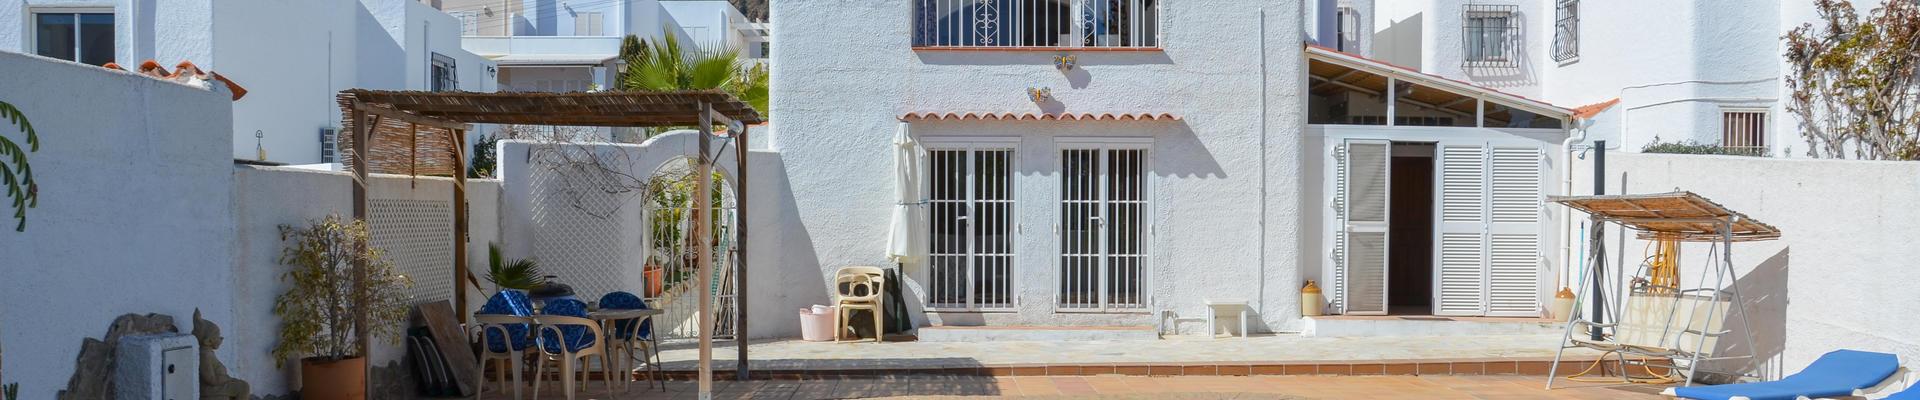 DV1461: 4 Bedroom Villa for Sale